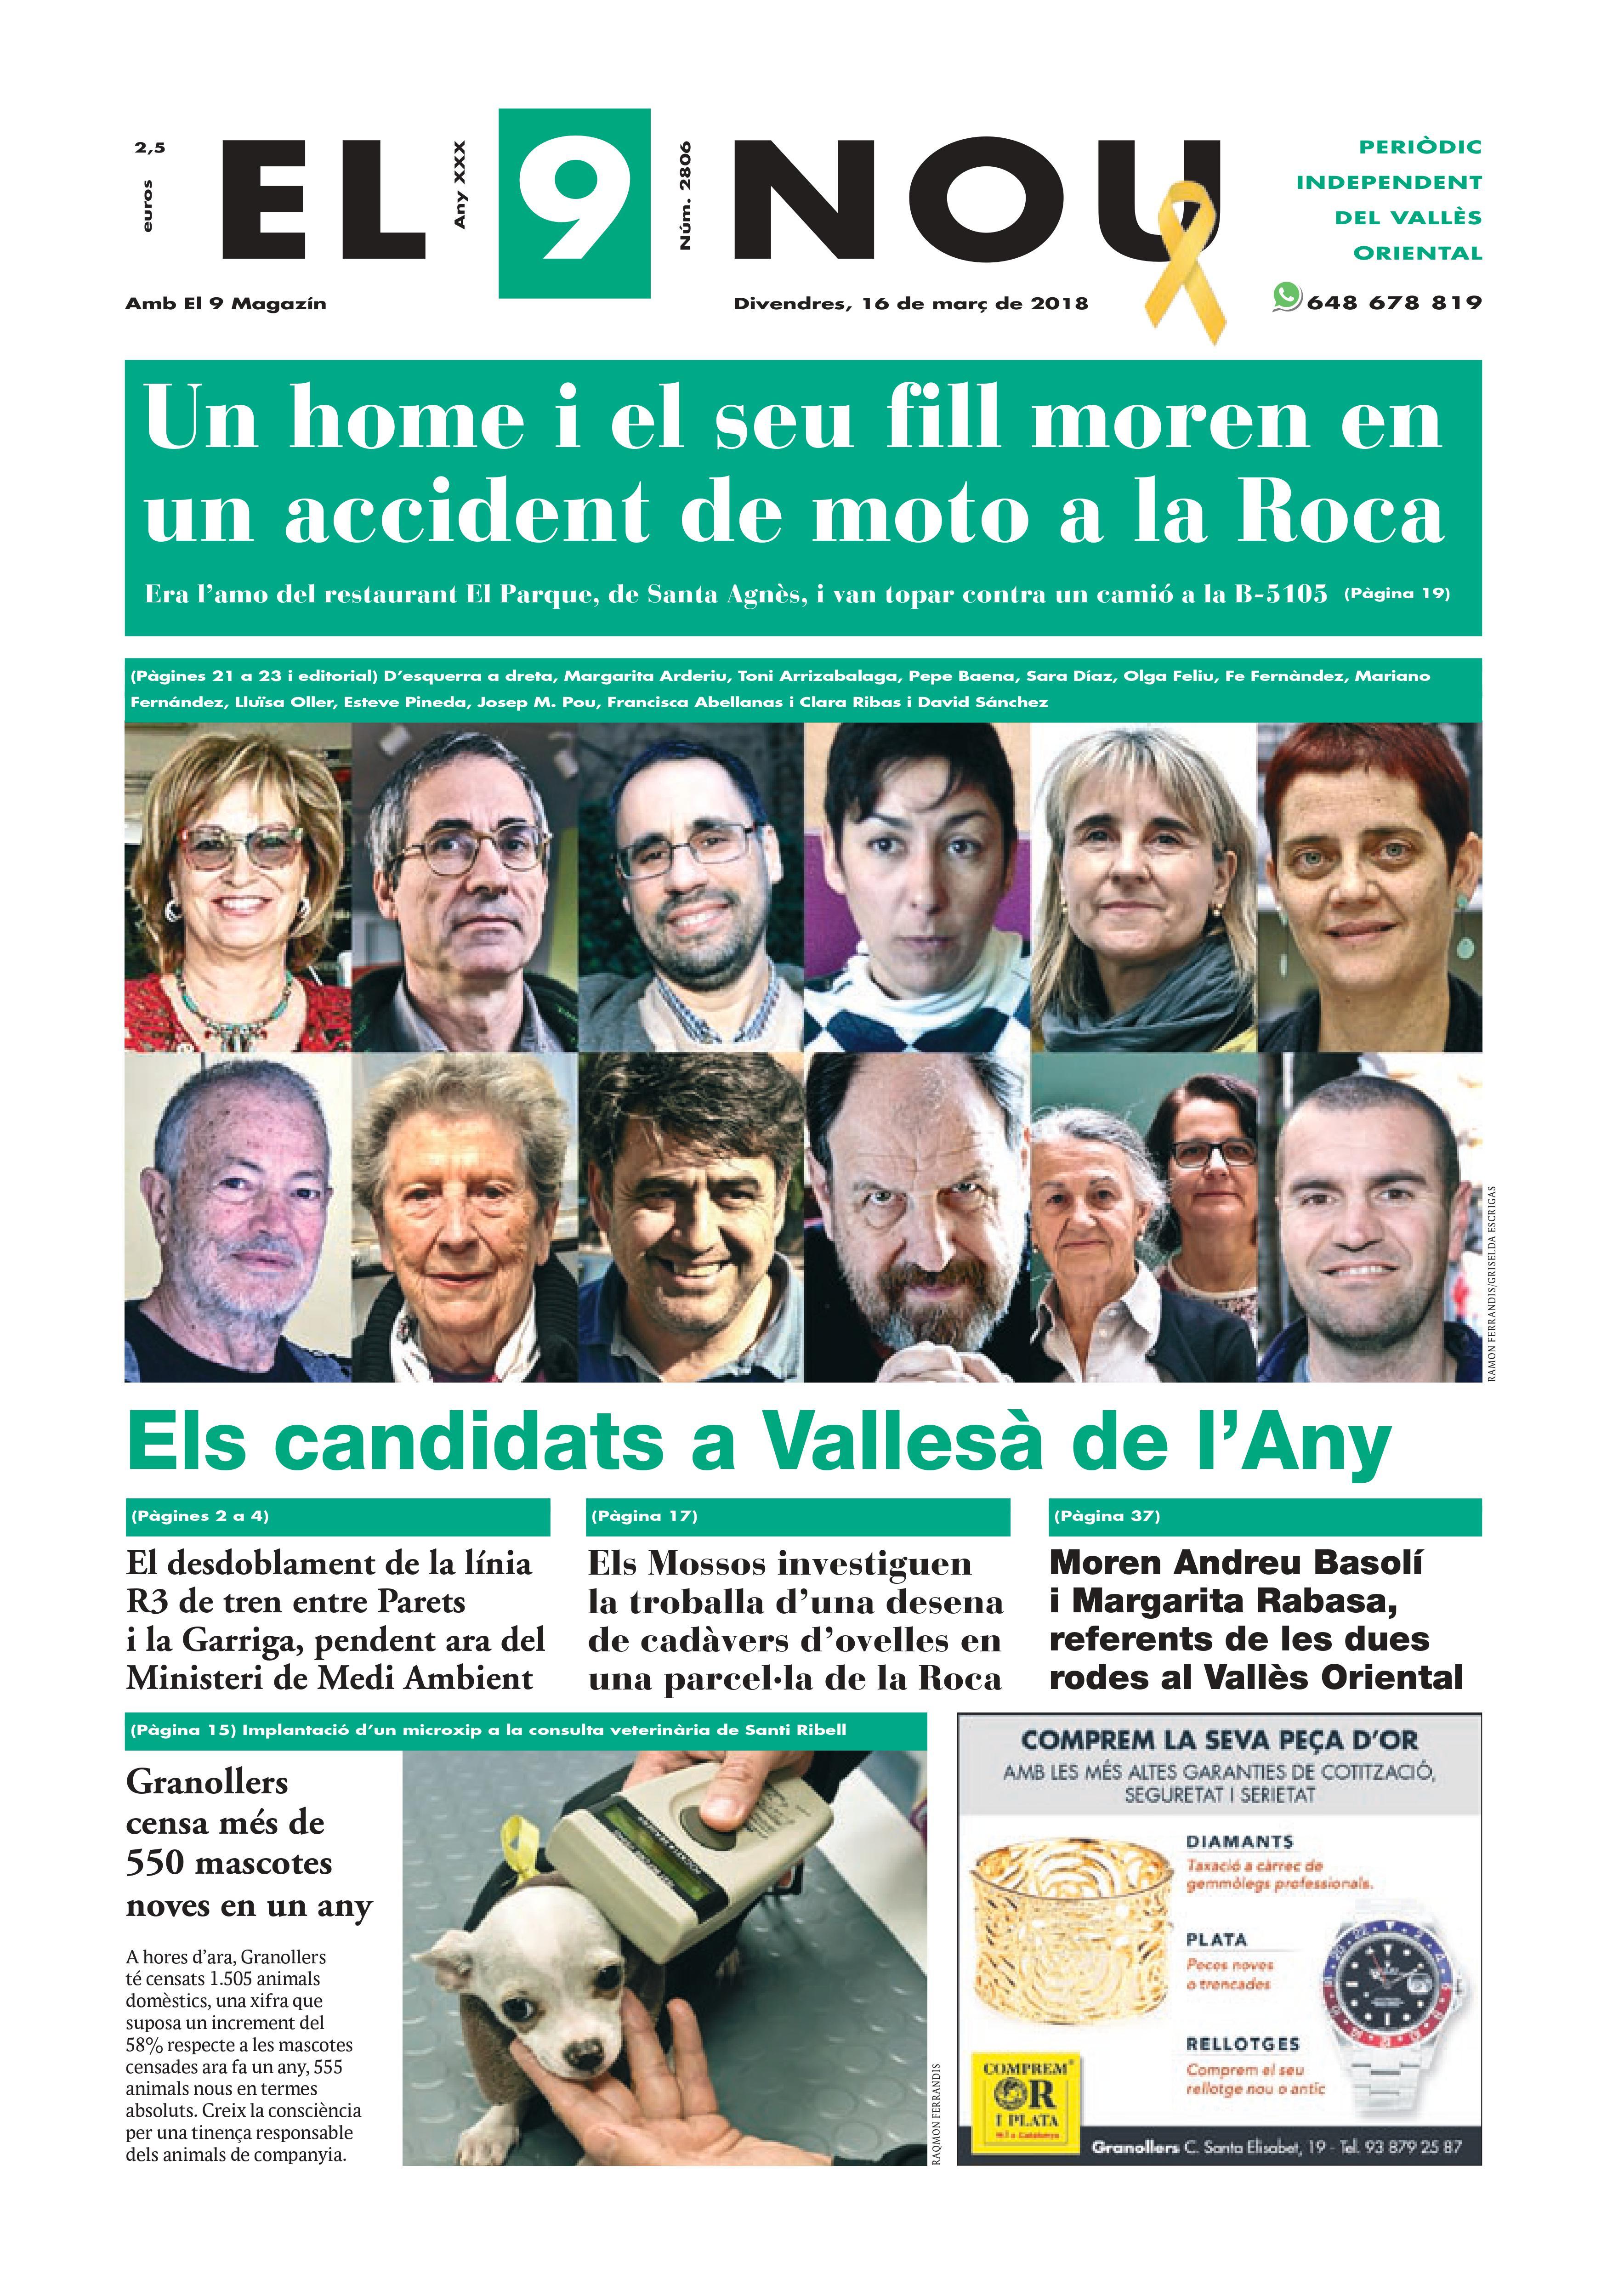 Primera Plana EL 9 NOU 16_03_18 Vallès